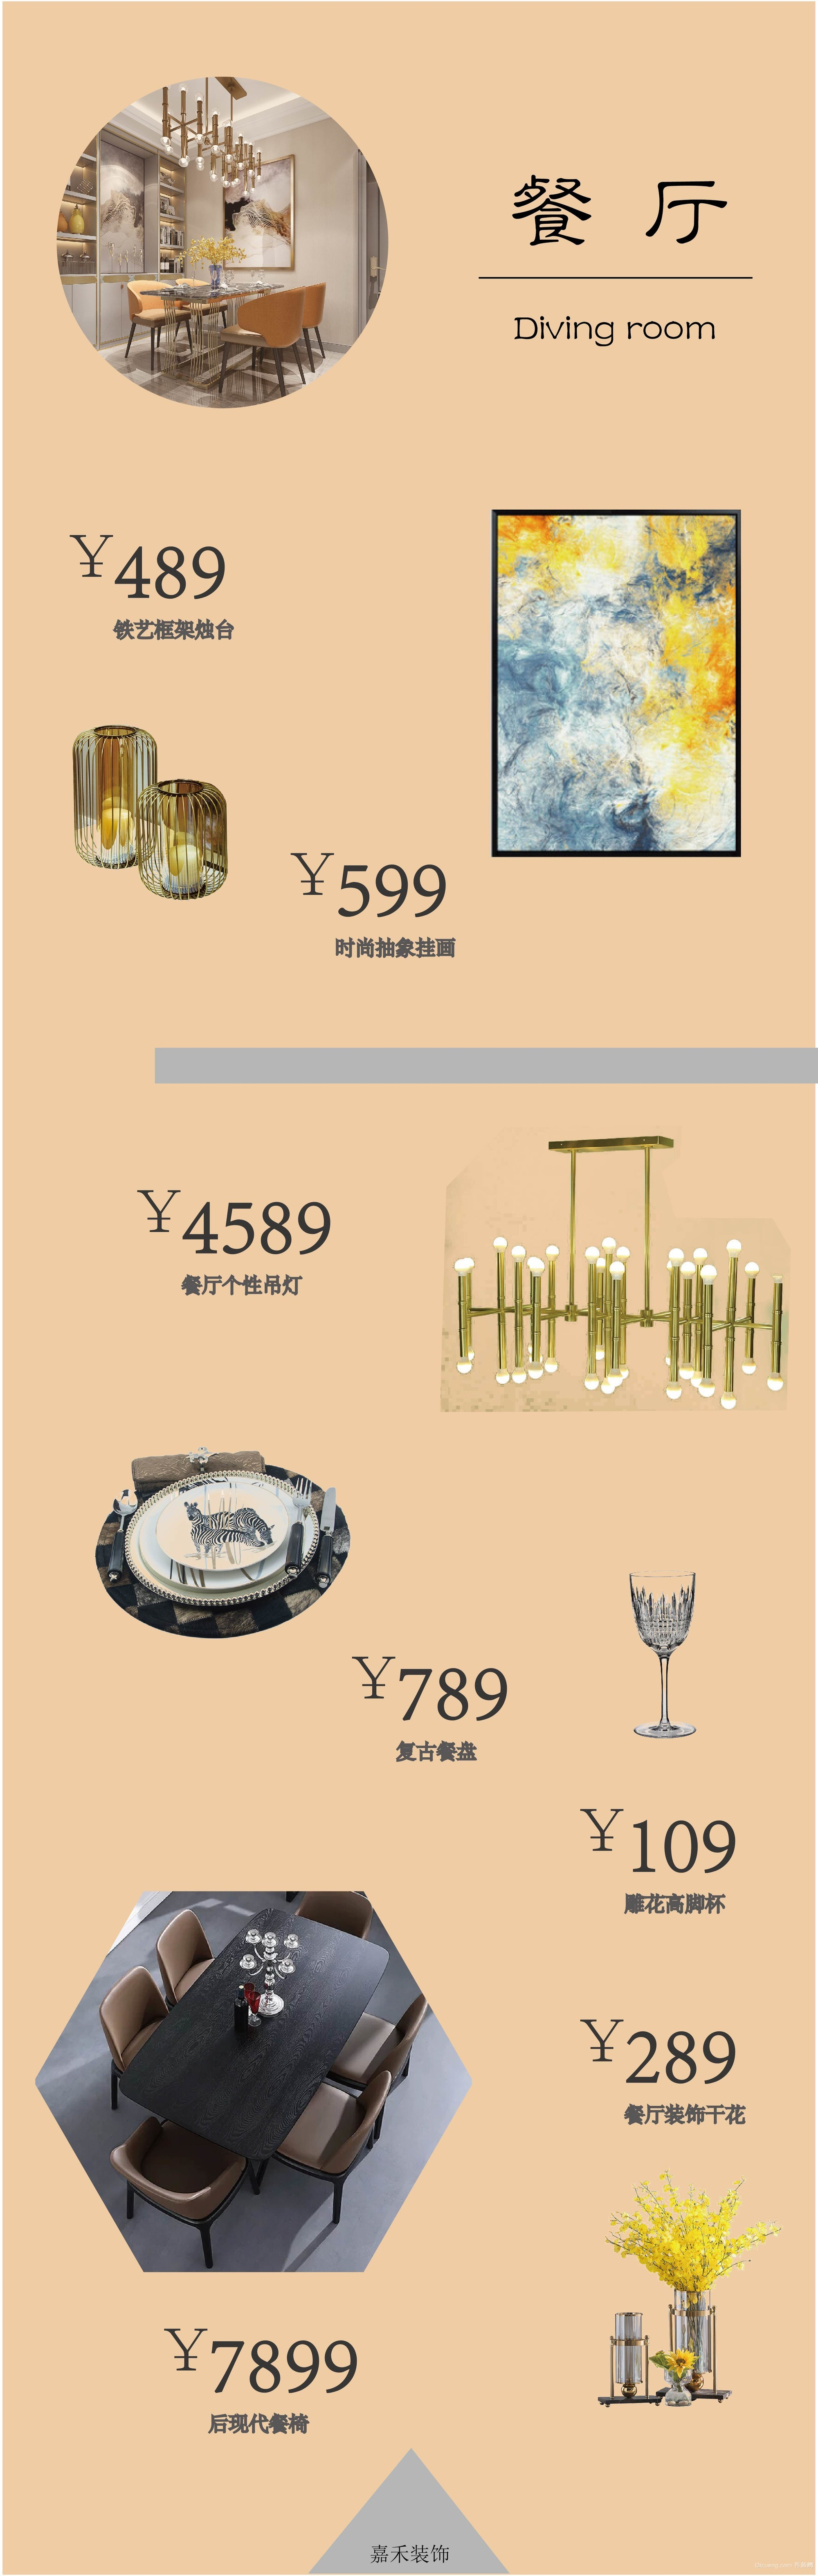 东方明珠样板间2现代简约装修效果图实景图